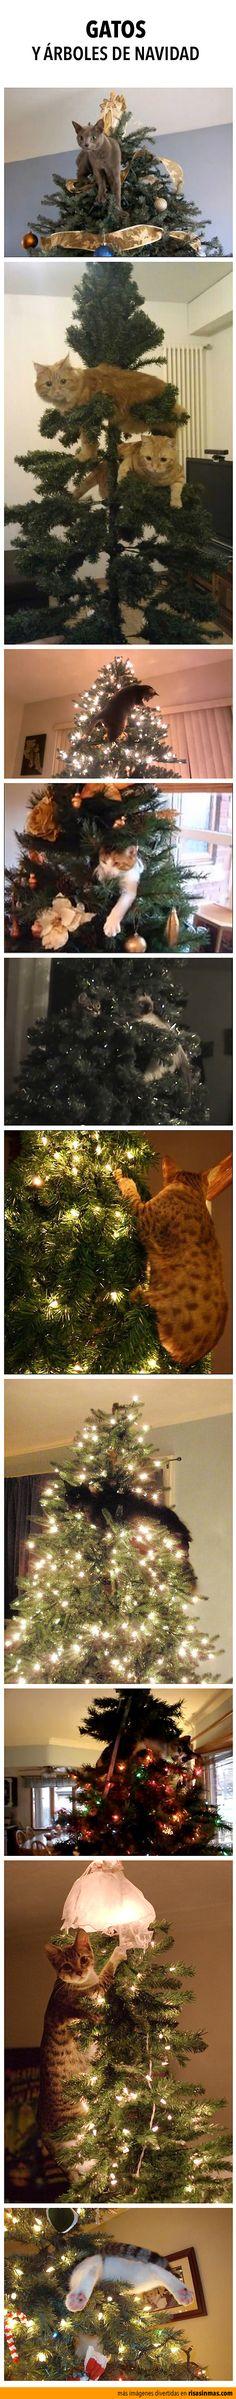 Gatos y árboles de navidad. Buenos amigos.